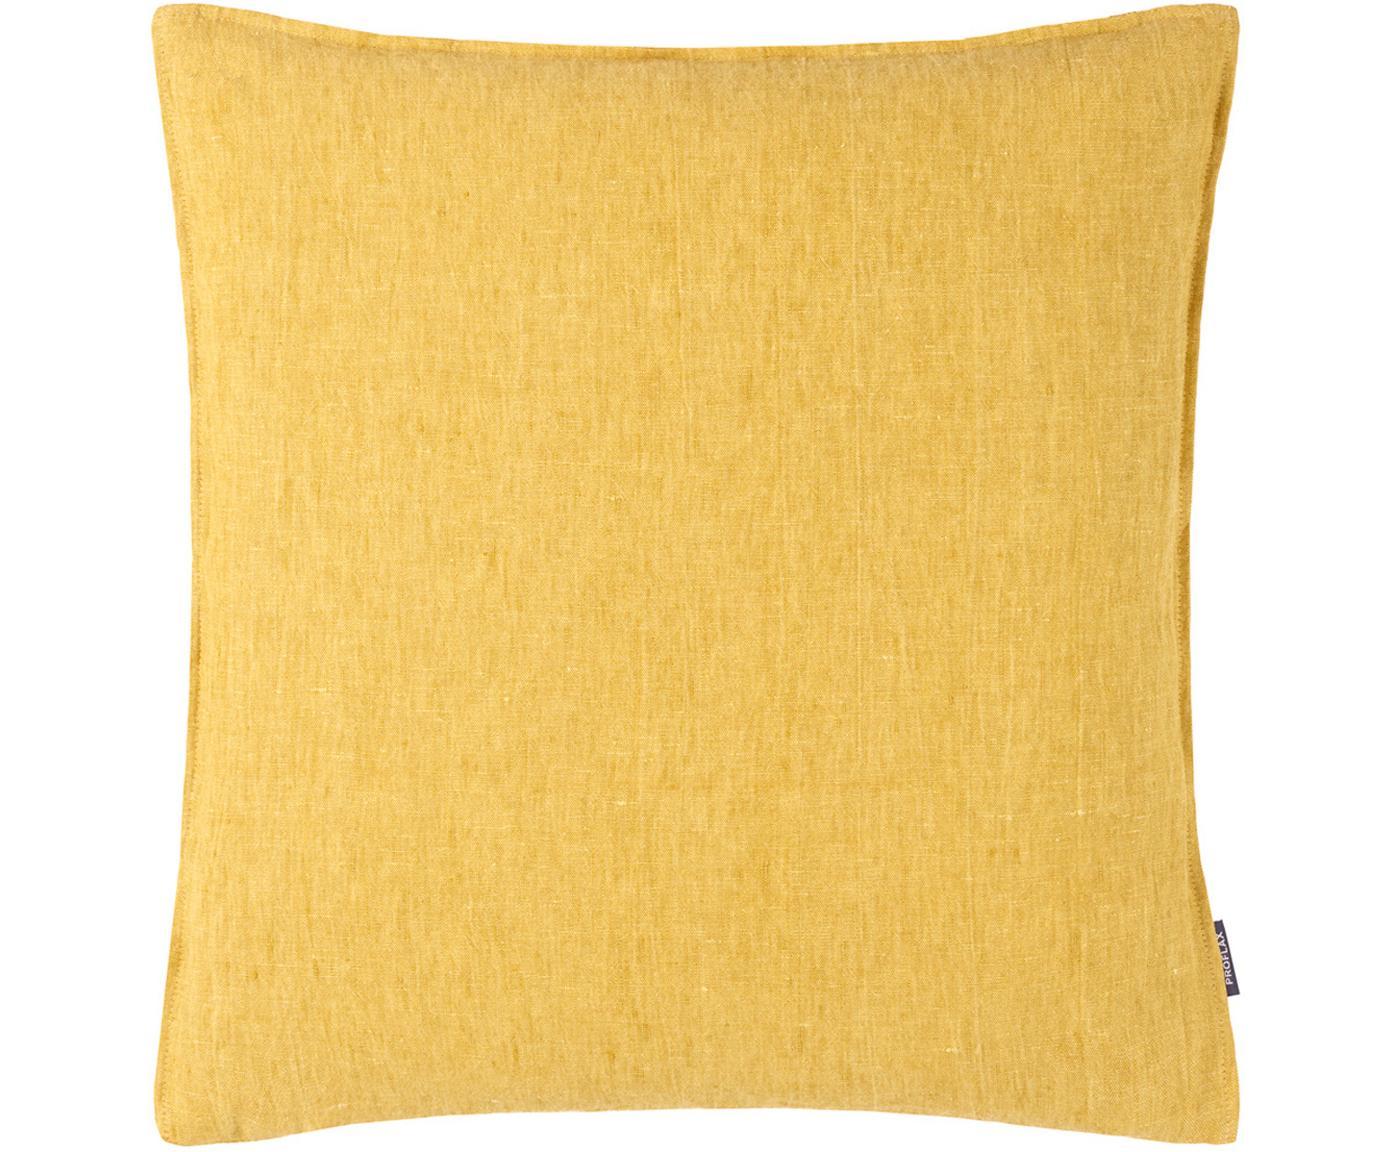 Federa arredo in lino lavato giallo ocra Sven, Lino, Giallo ocra, Larg. 60 x Lung. 60 cm